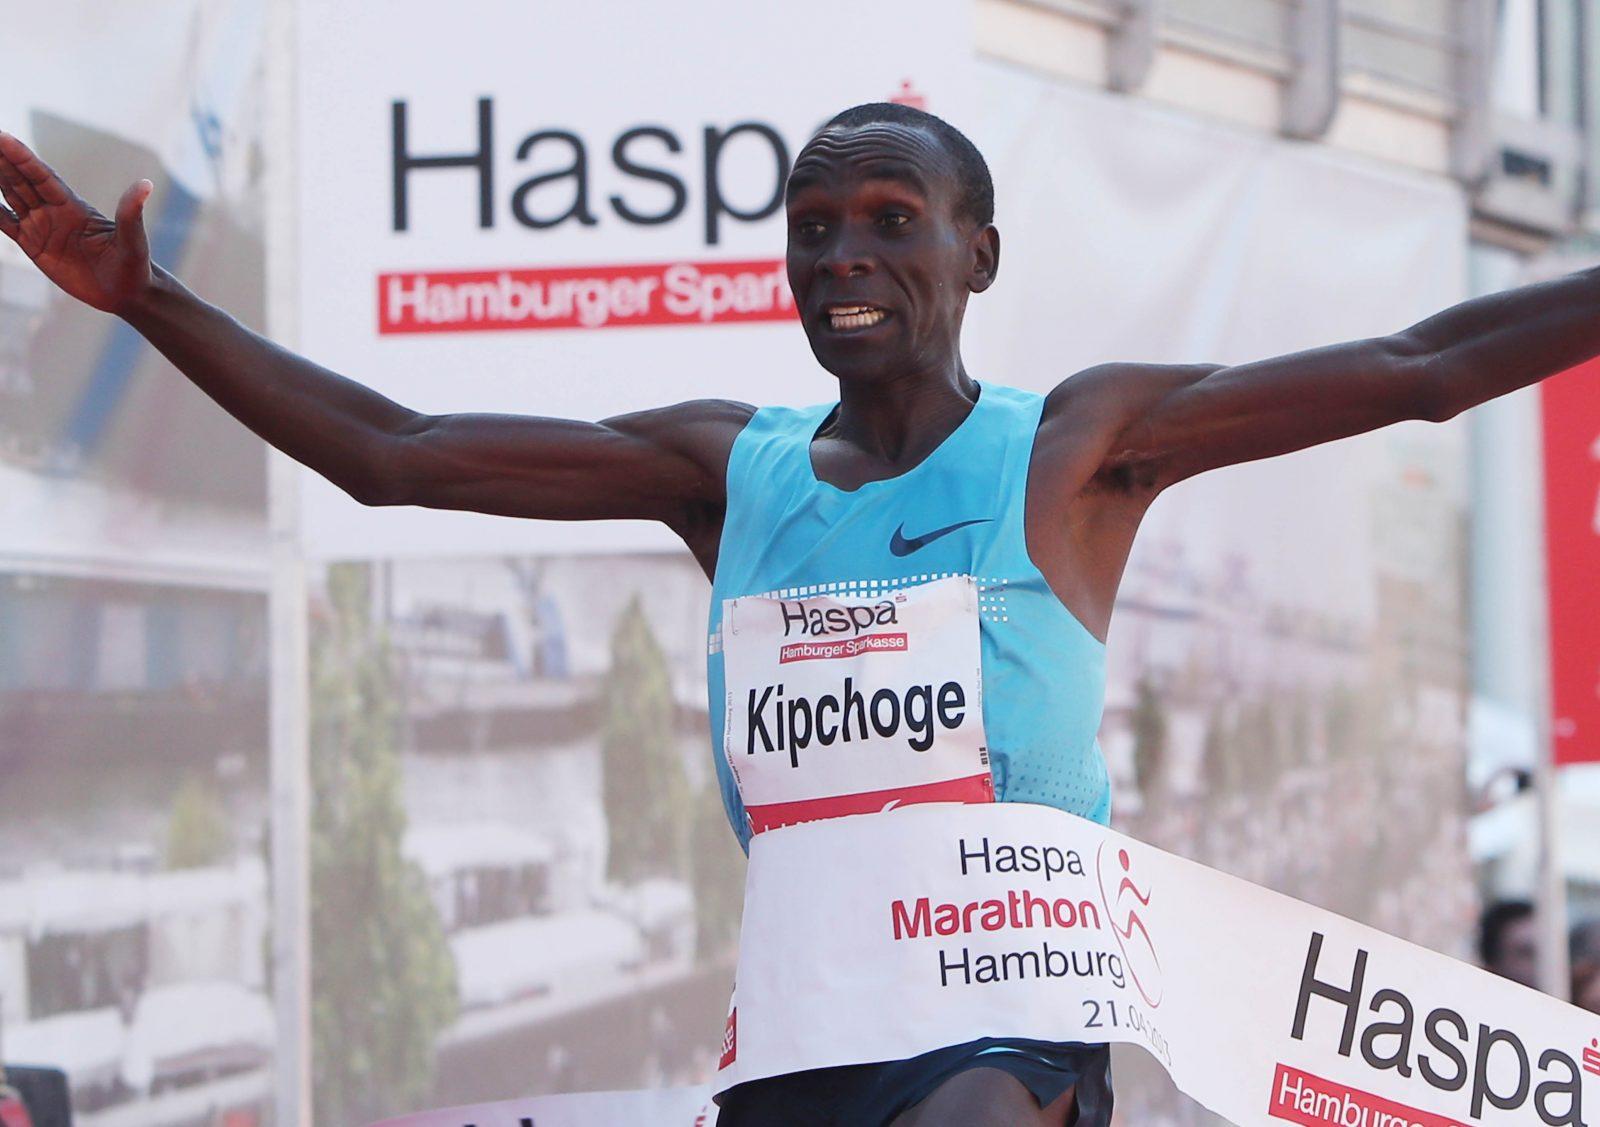 Haspa Marathon Hamburg 2013